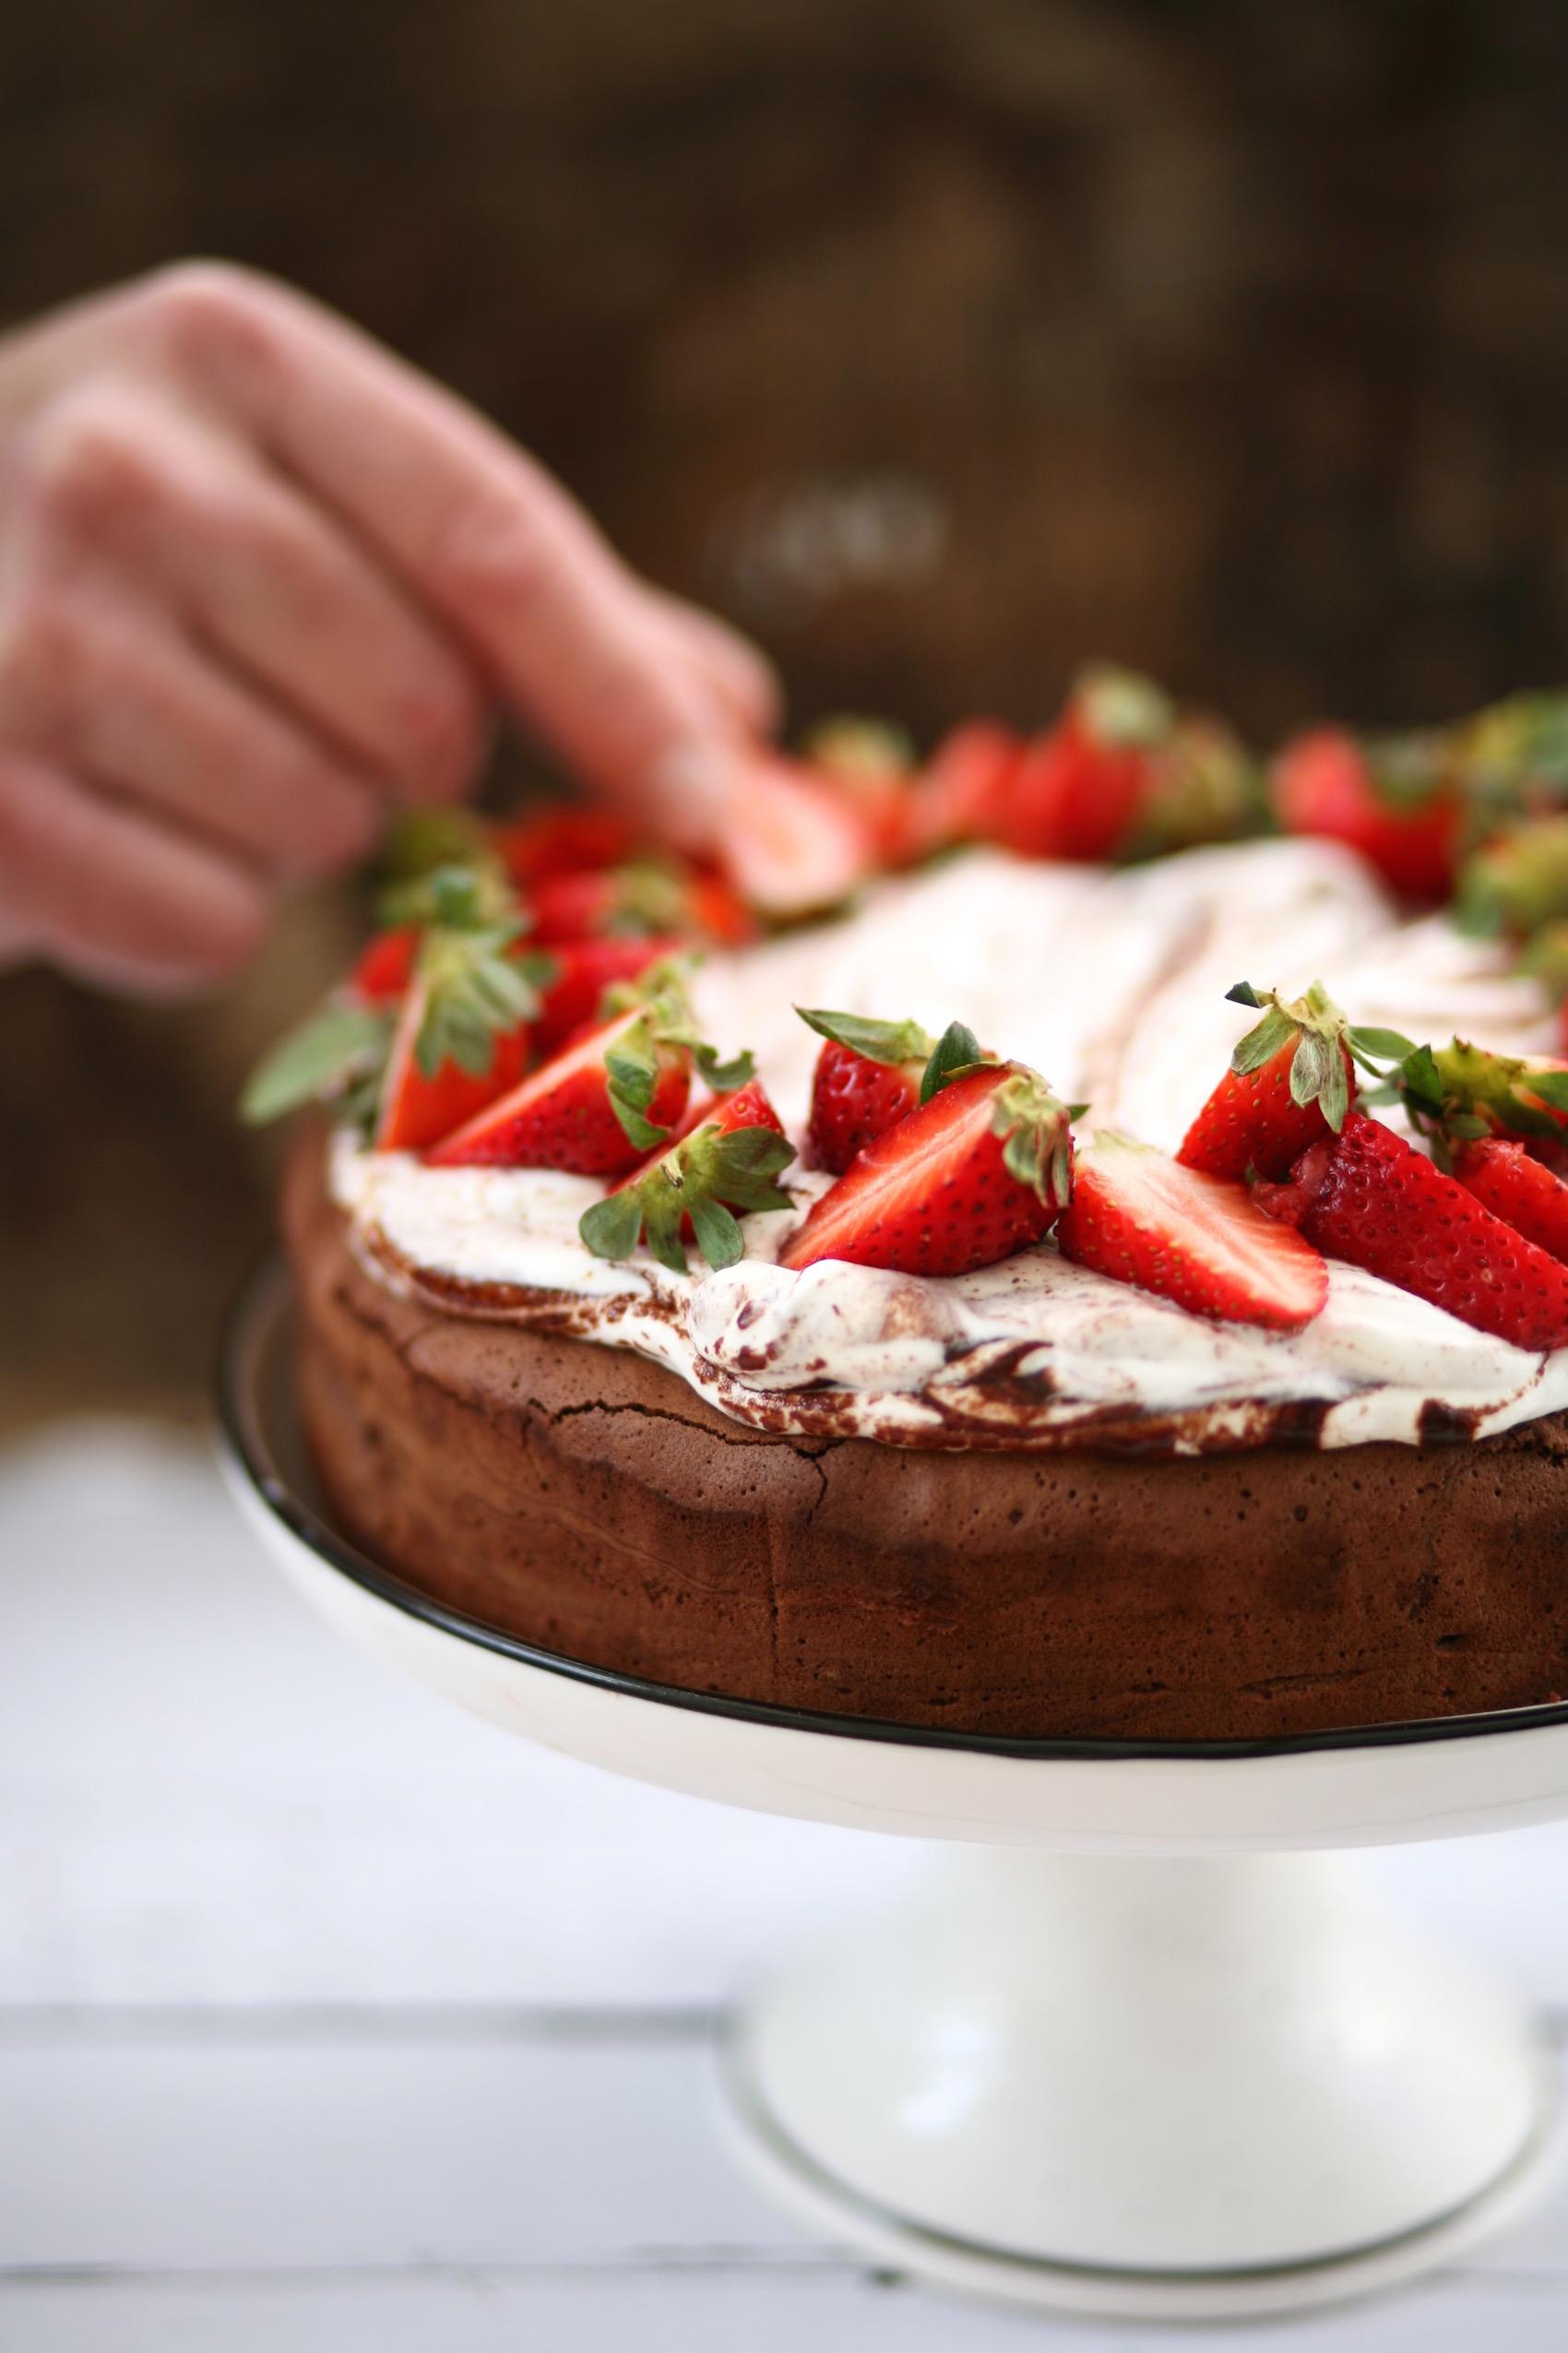 עוגת שוקולד ללא קמח לפסח עם תותים וקצפת